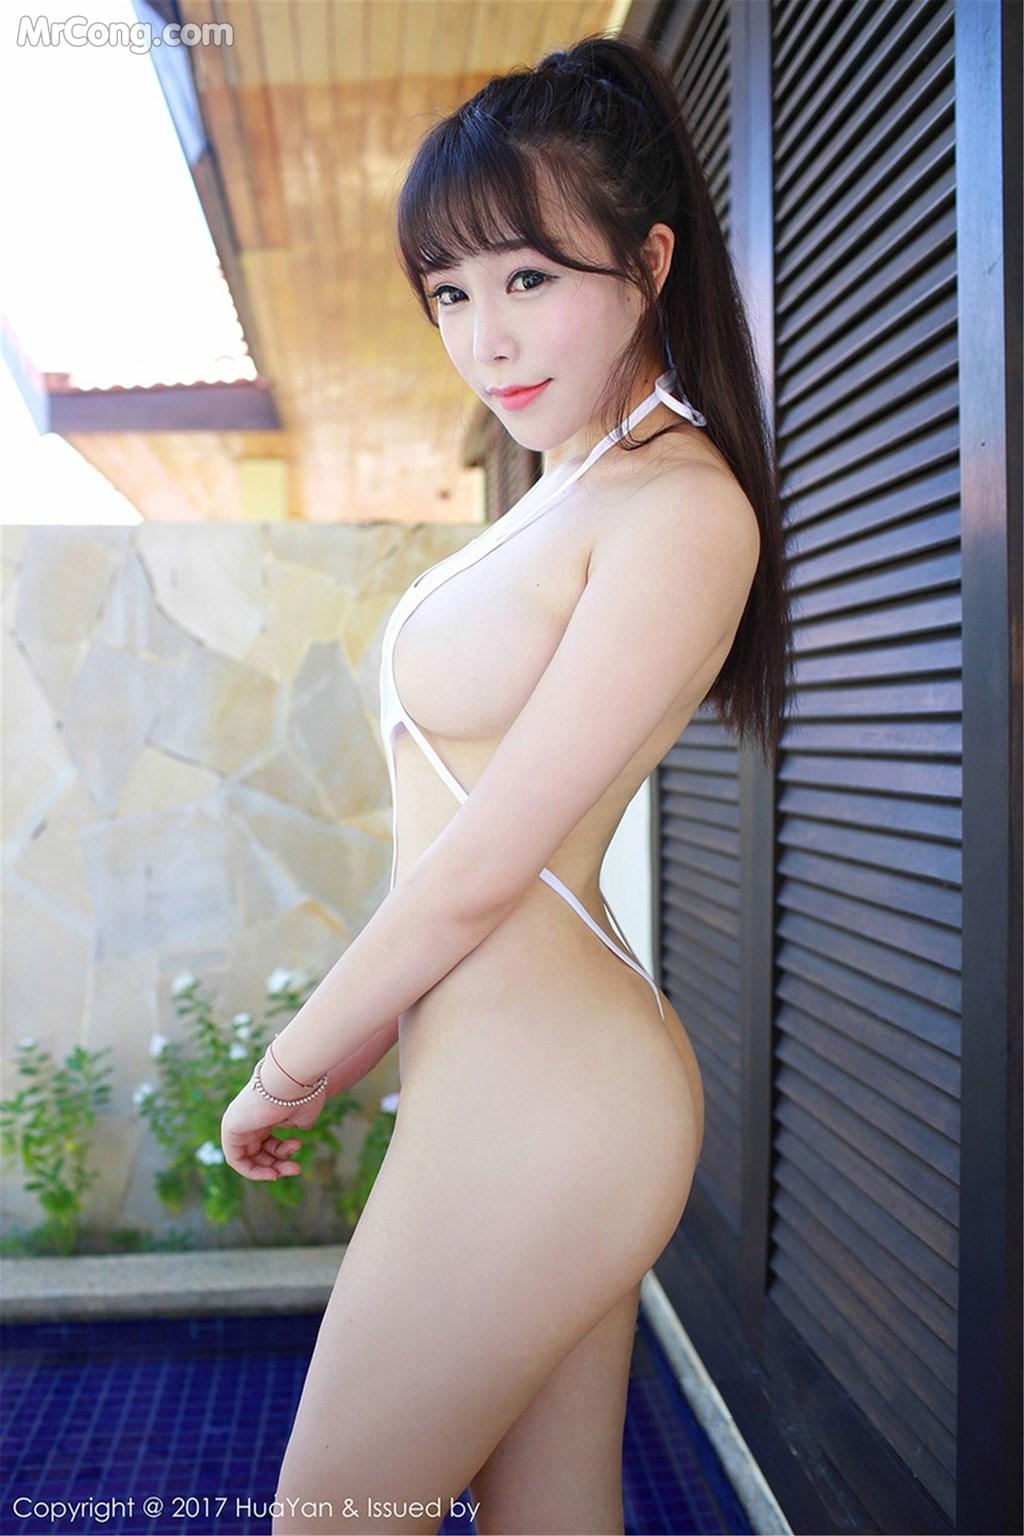 Image HuaYan-Vol.041-Booty-Zhizhi-MrCong.com-002 in post HuaYan Vol.041: Người mẫu Booty (芝芝) (54 ảnh)